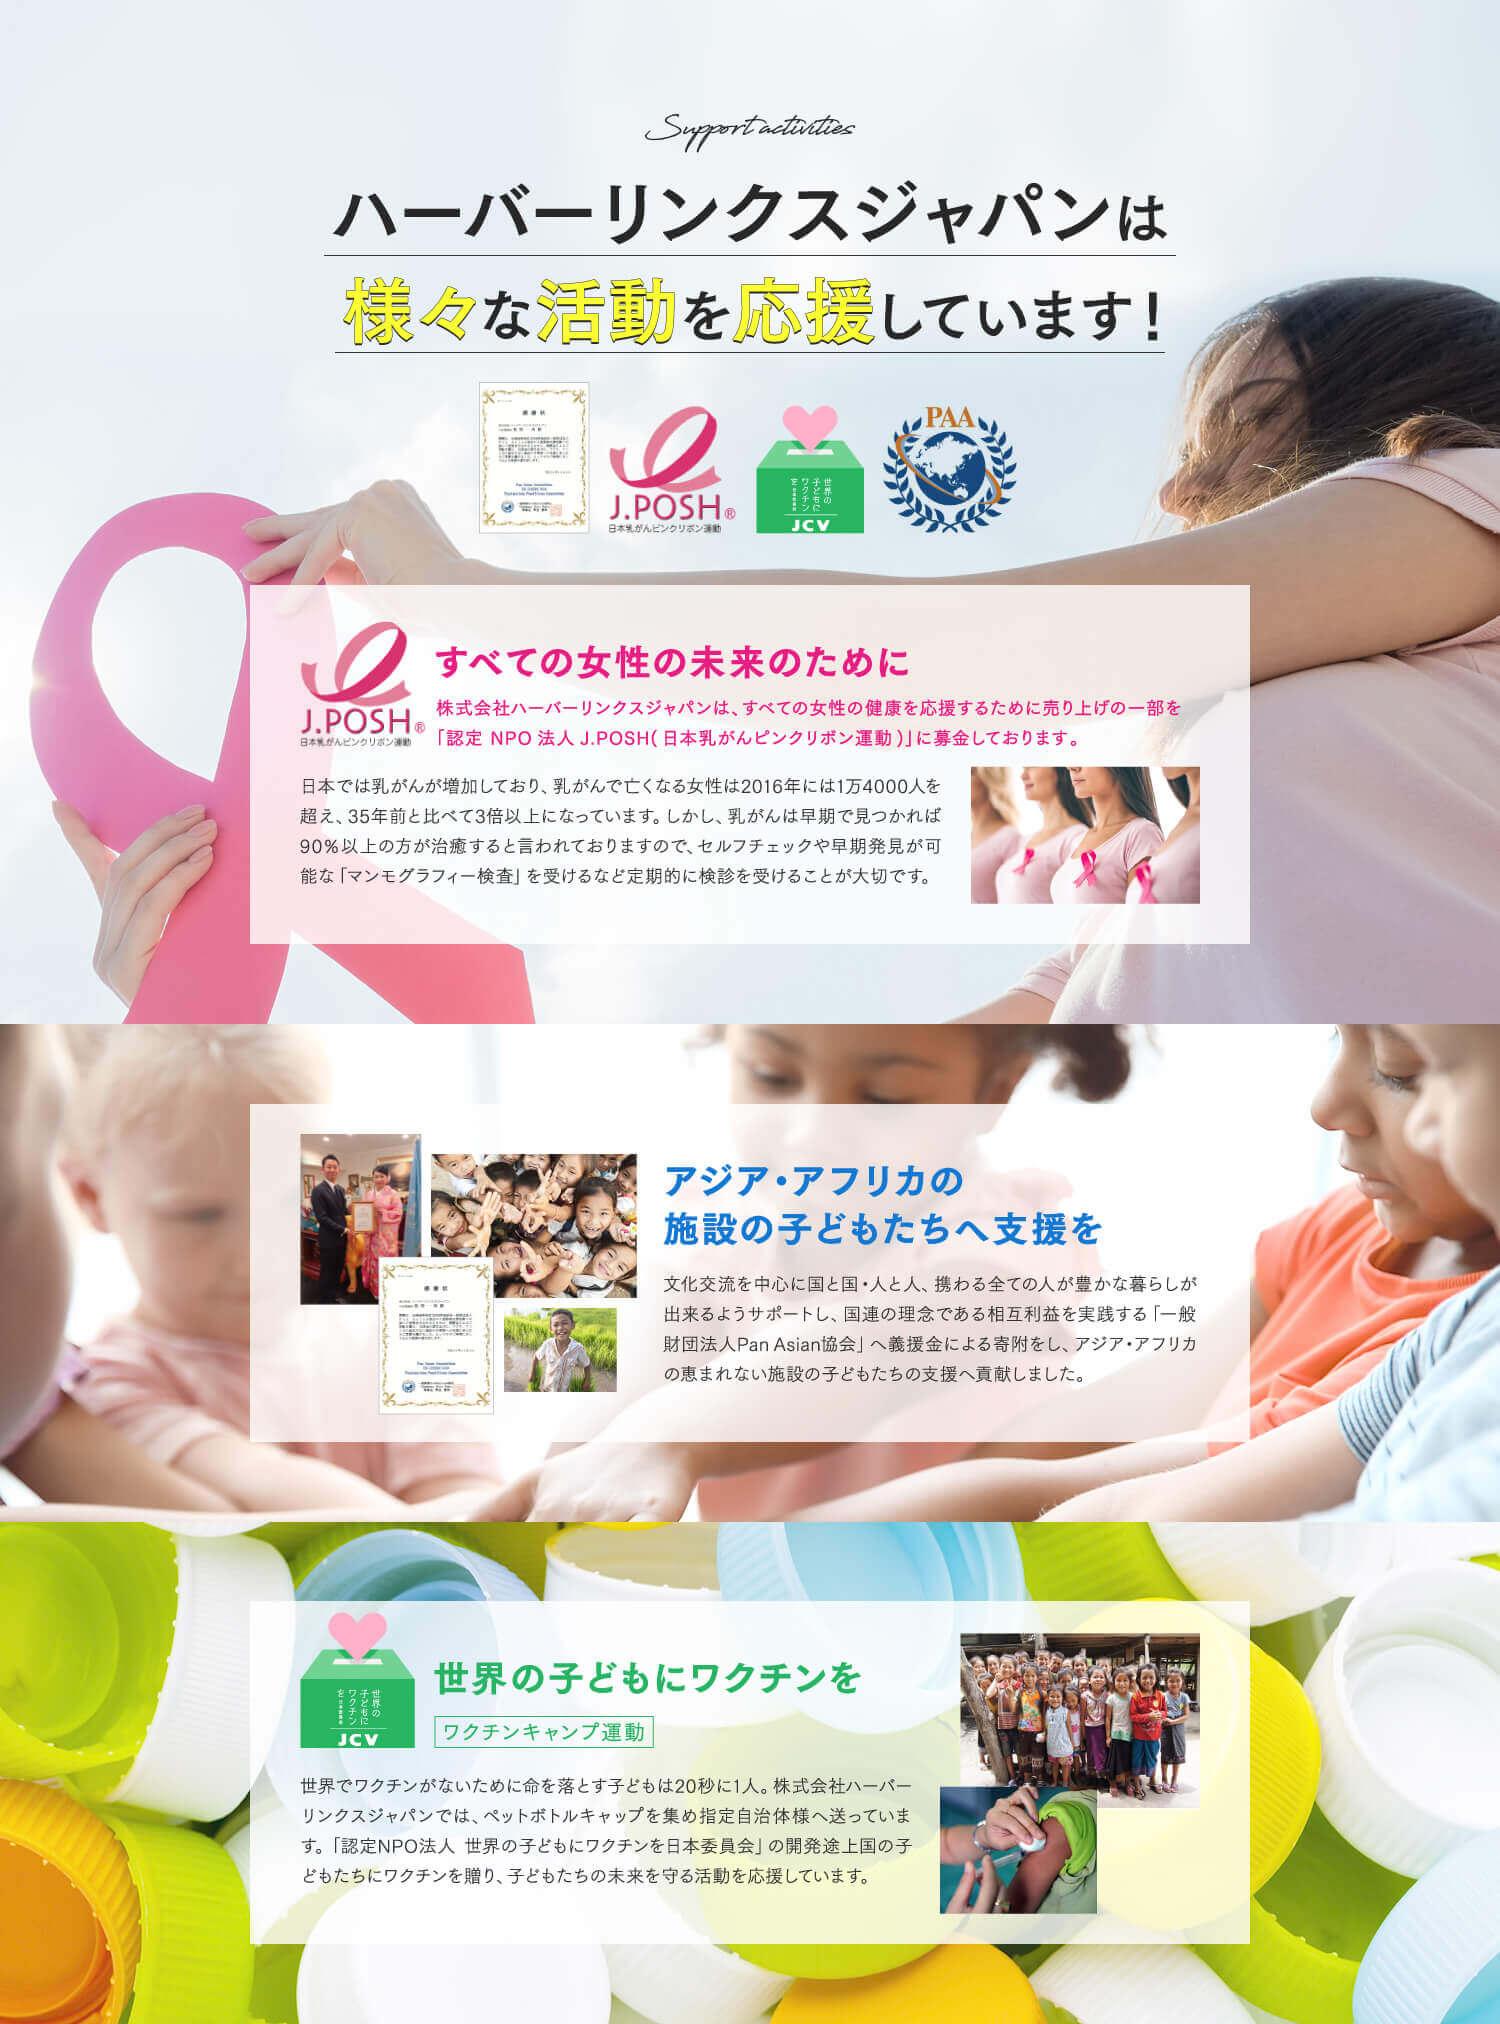 Lapomine ハーバーリンクスジャパンは様々な活動を応援しています!